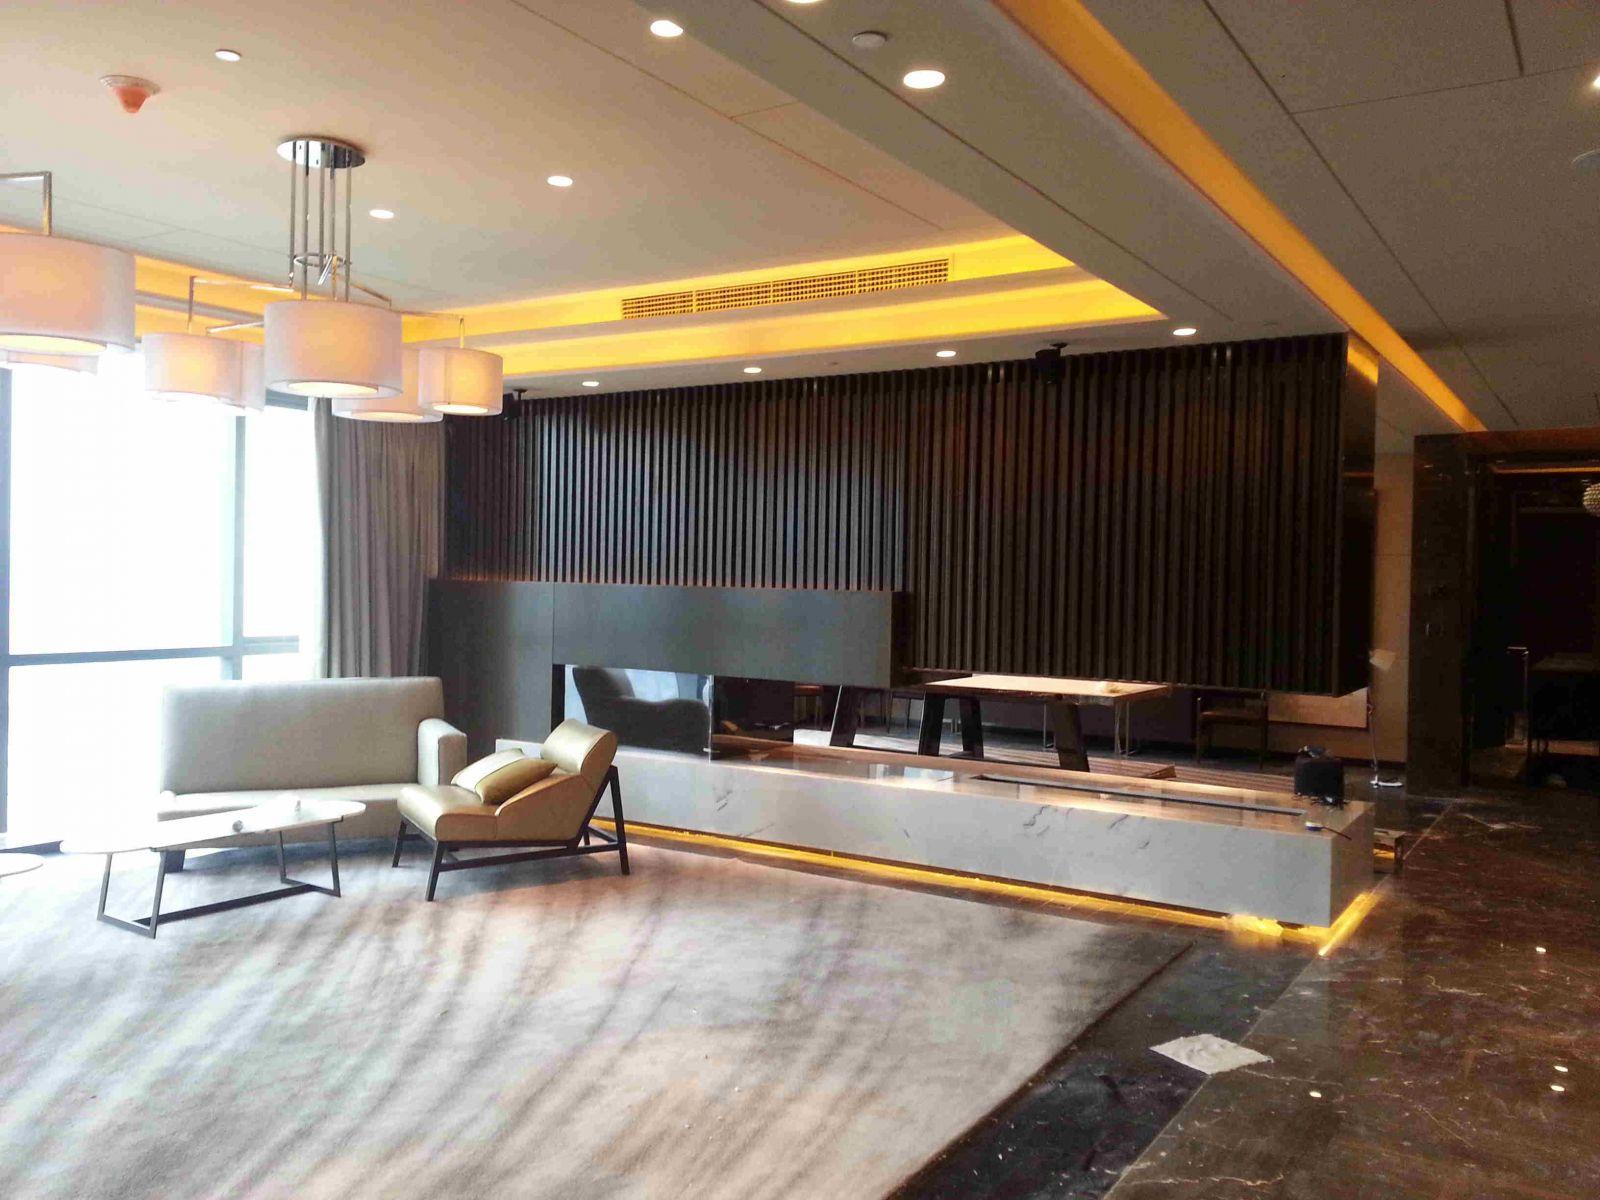 深圳君悦酒店真火的壁炉案例 20